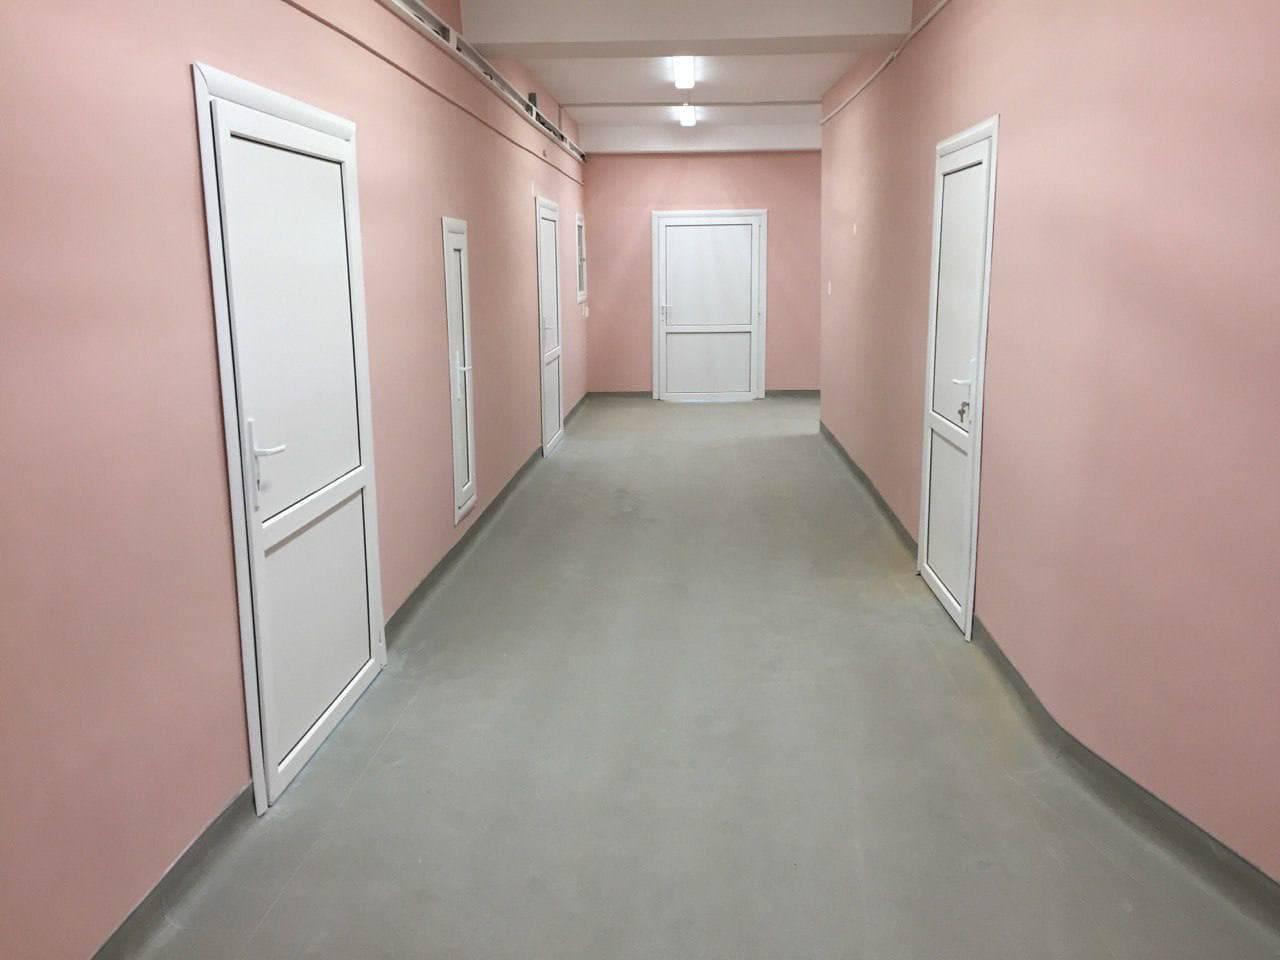 Кровлю, сантехнику и отделку обновили в пяти отделениях больницы Зарайска | Изображение 2